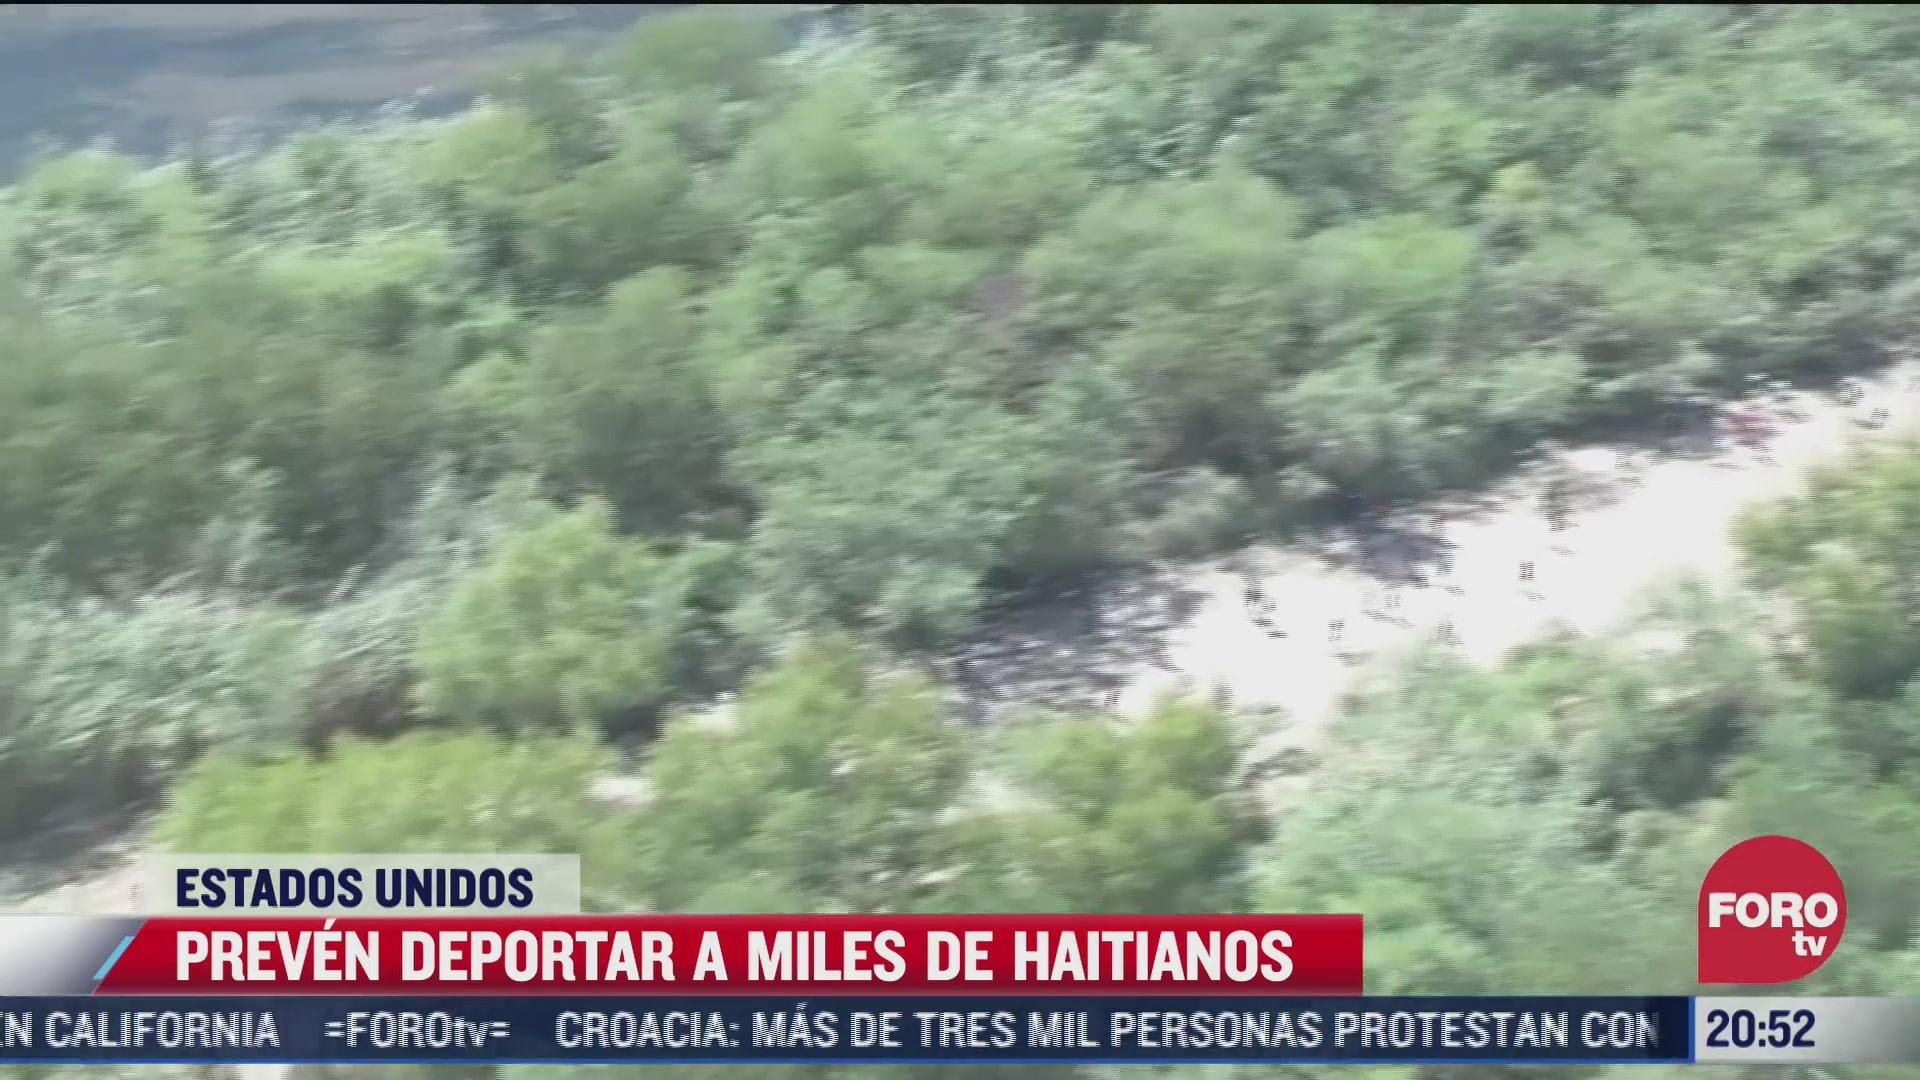 preven deportar a miles de haitianos en eeuu